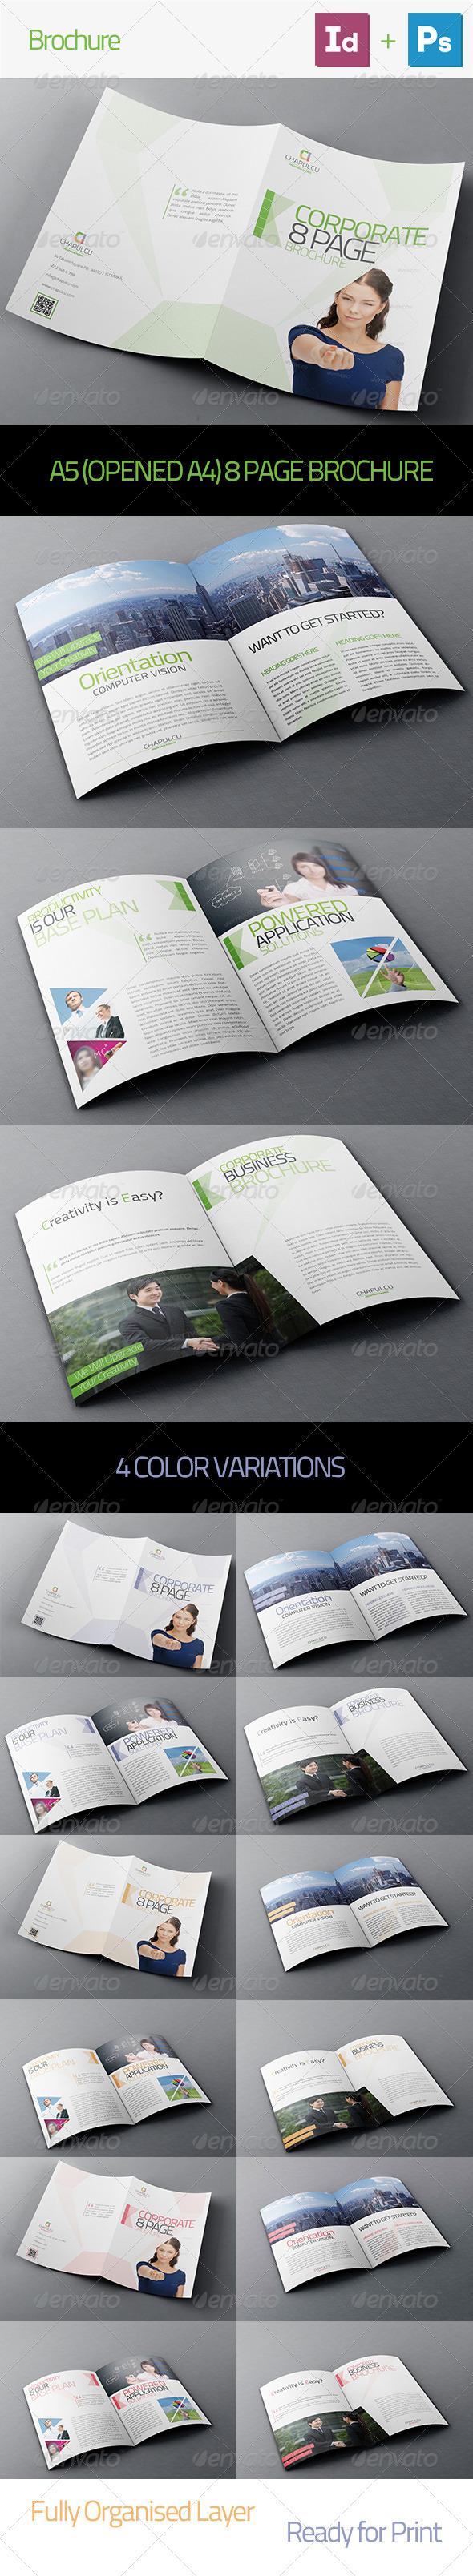 GraphicRiver Brochure 5027199